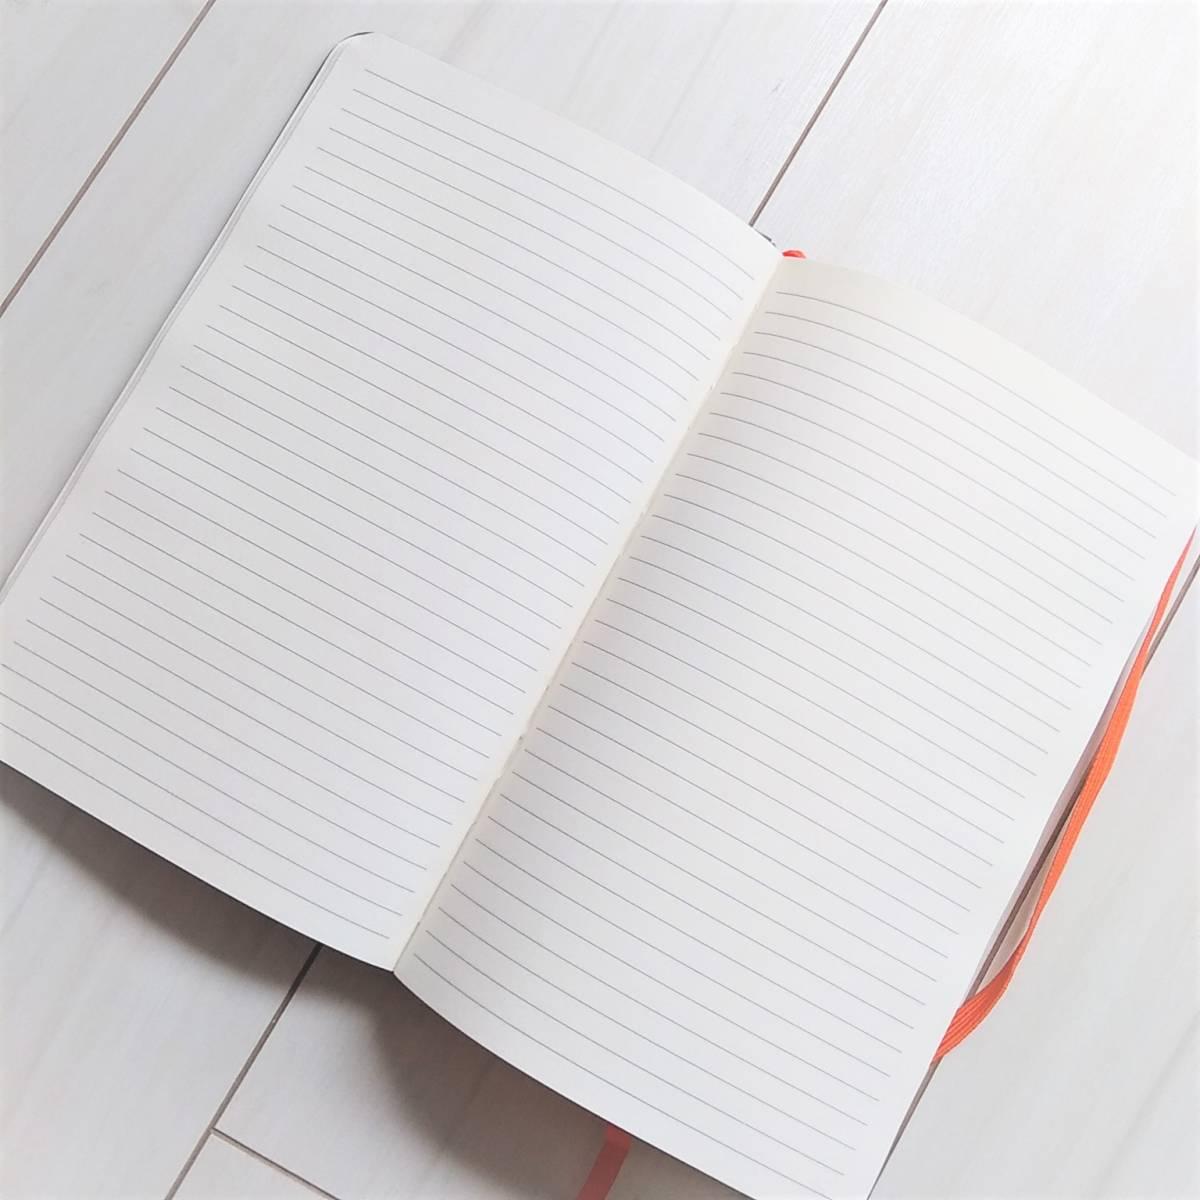 新品★モレスキンノートを含む A5 バンド付きノート3冊&ペン1本セット_画像4